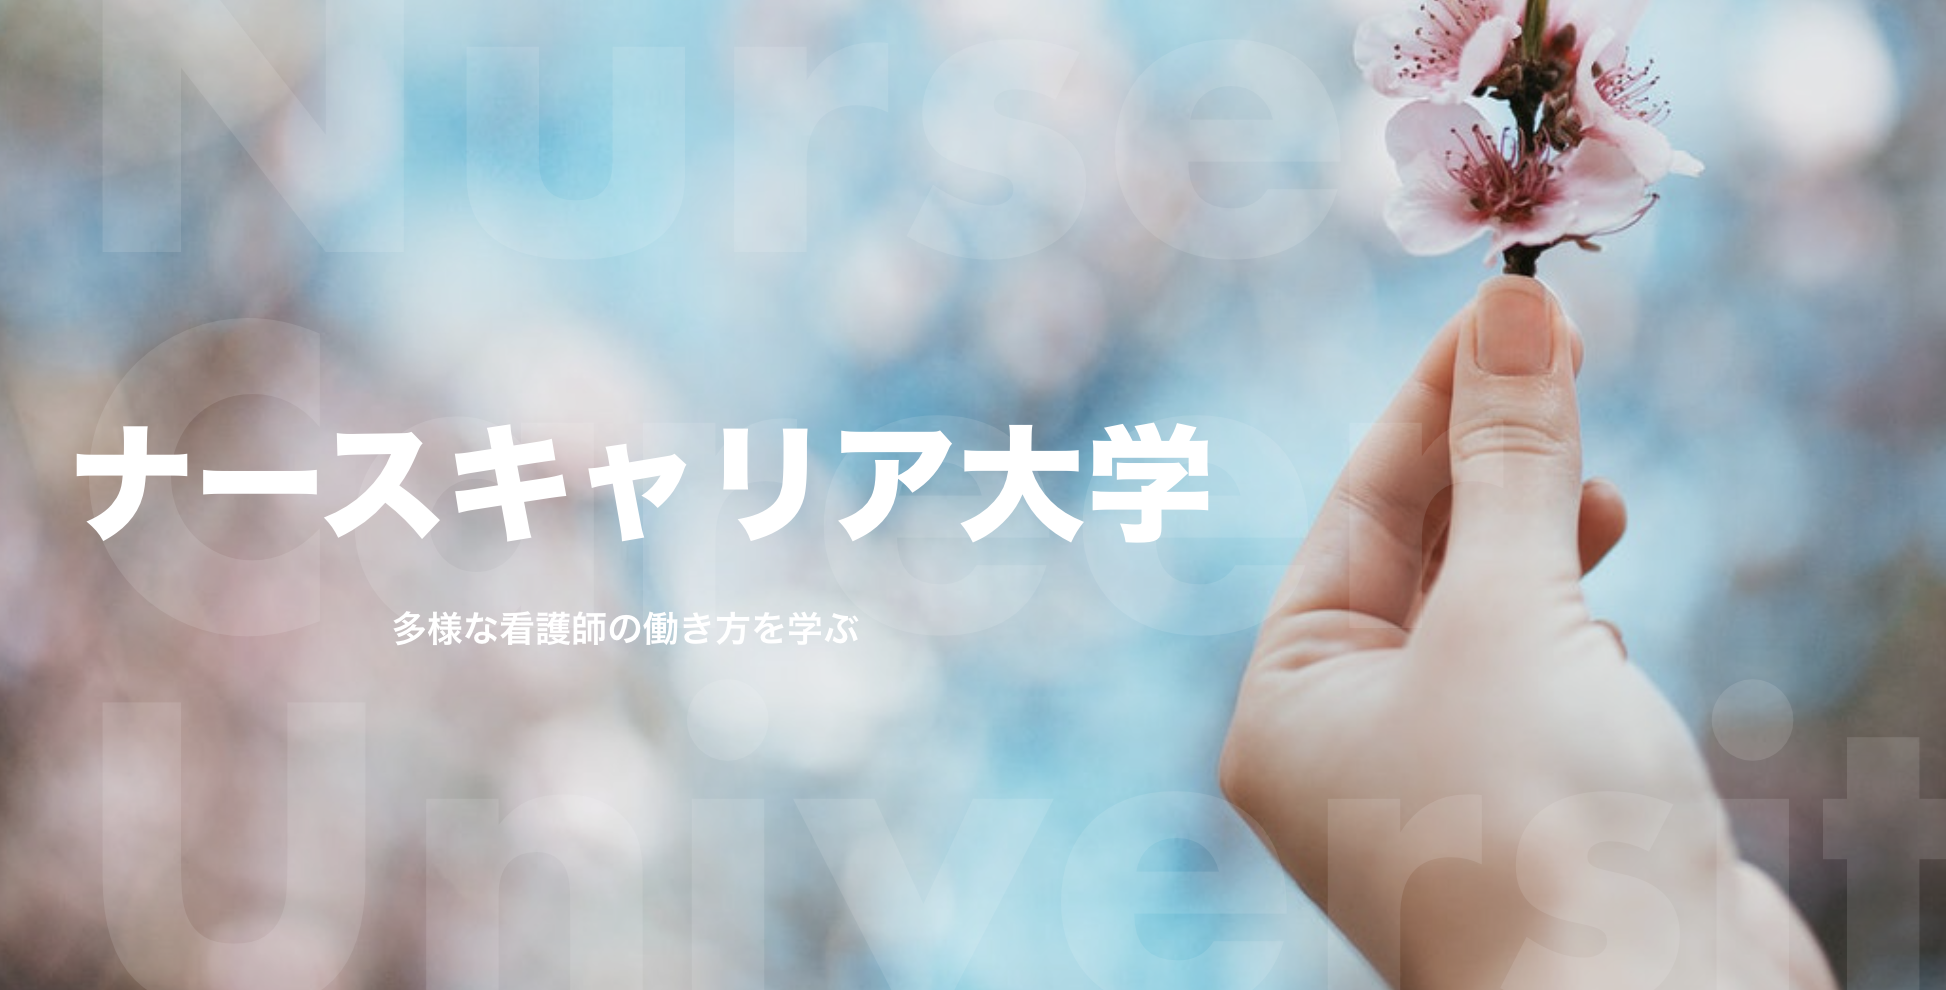 スクリーンショット-2018-03-08-1.51.24